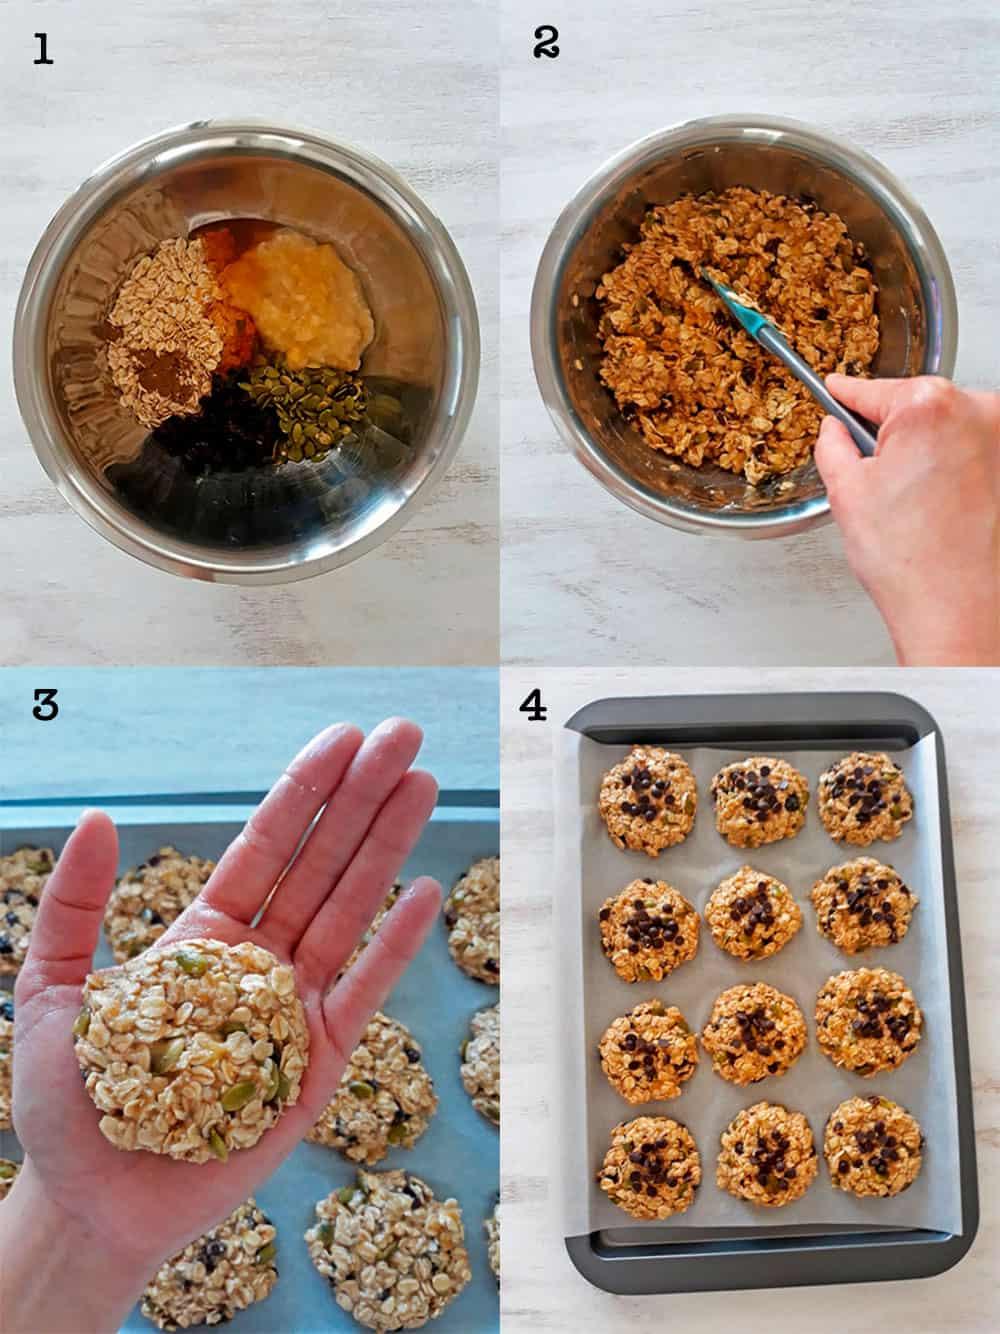 procedimiento paso a paso para preparar galletas de banana, avena y semillas